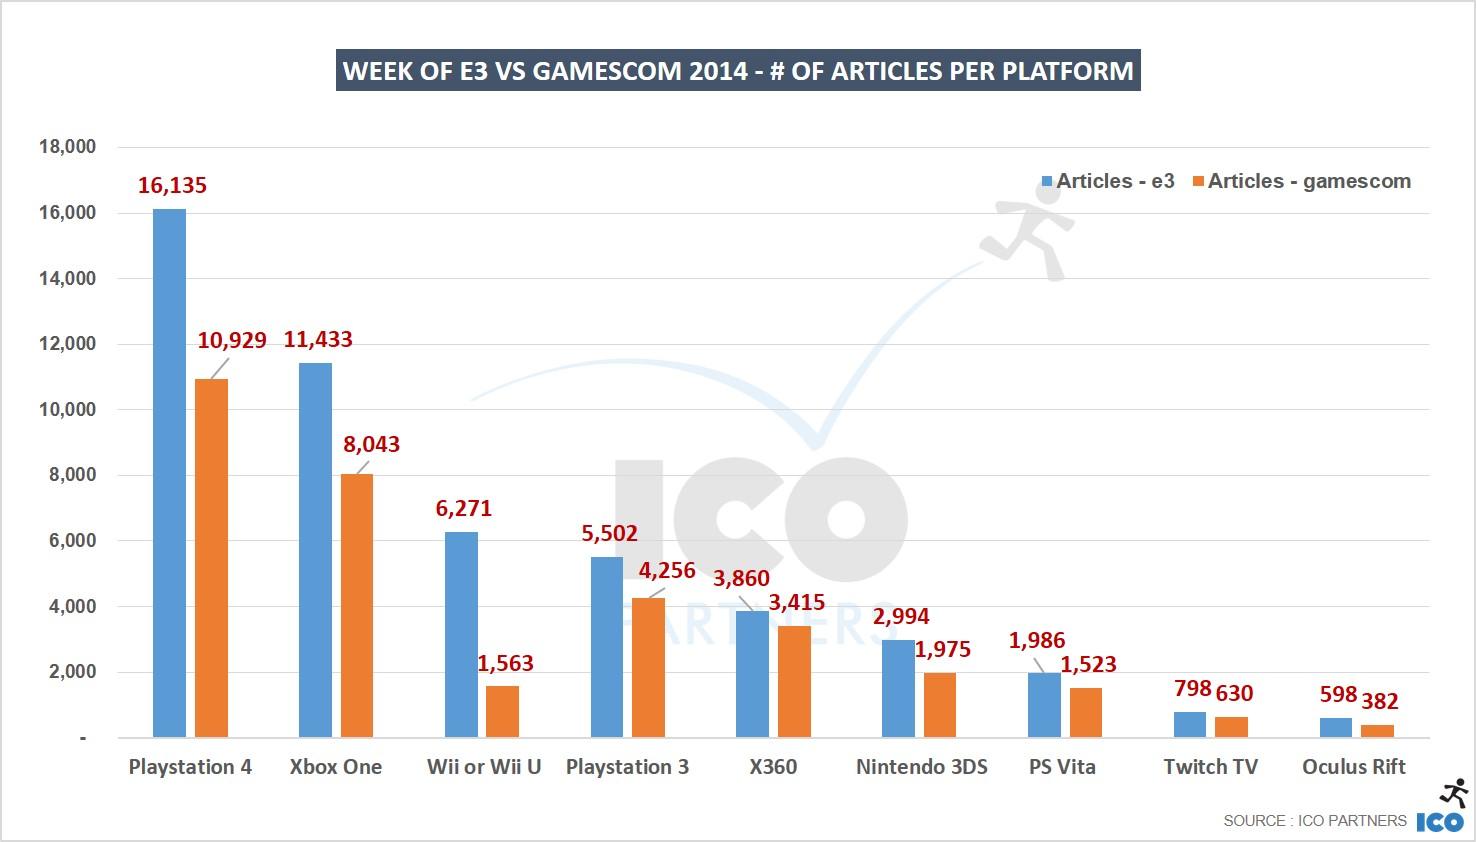 09_Week-of-E3-vs-gamescom-2014-of-articles-per-platform